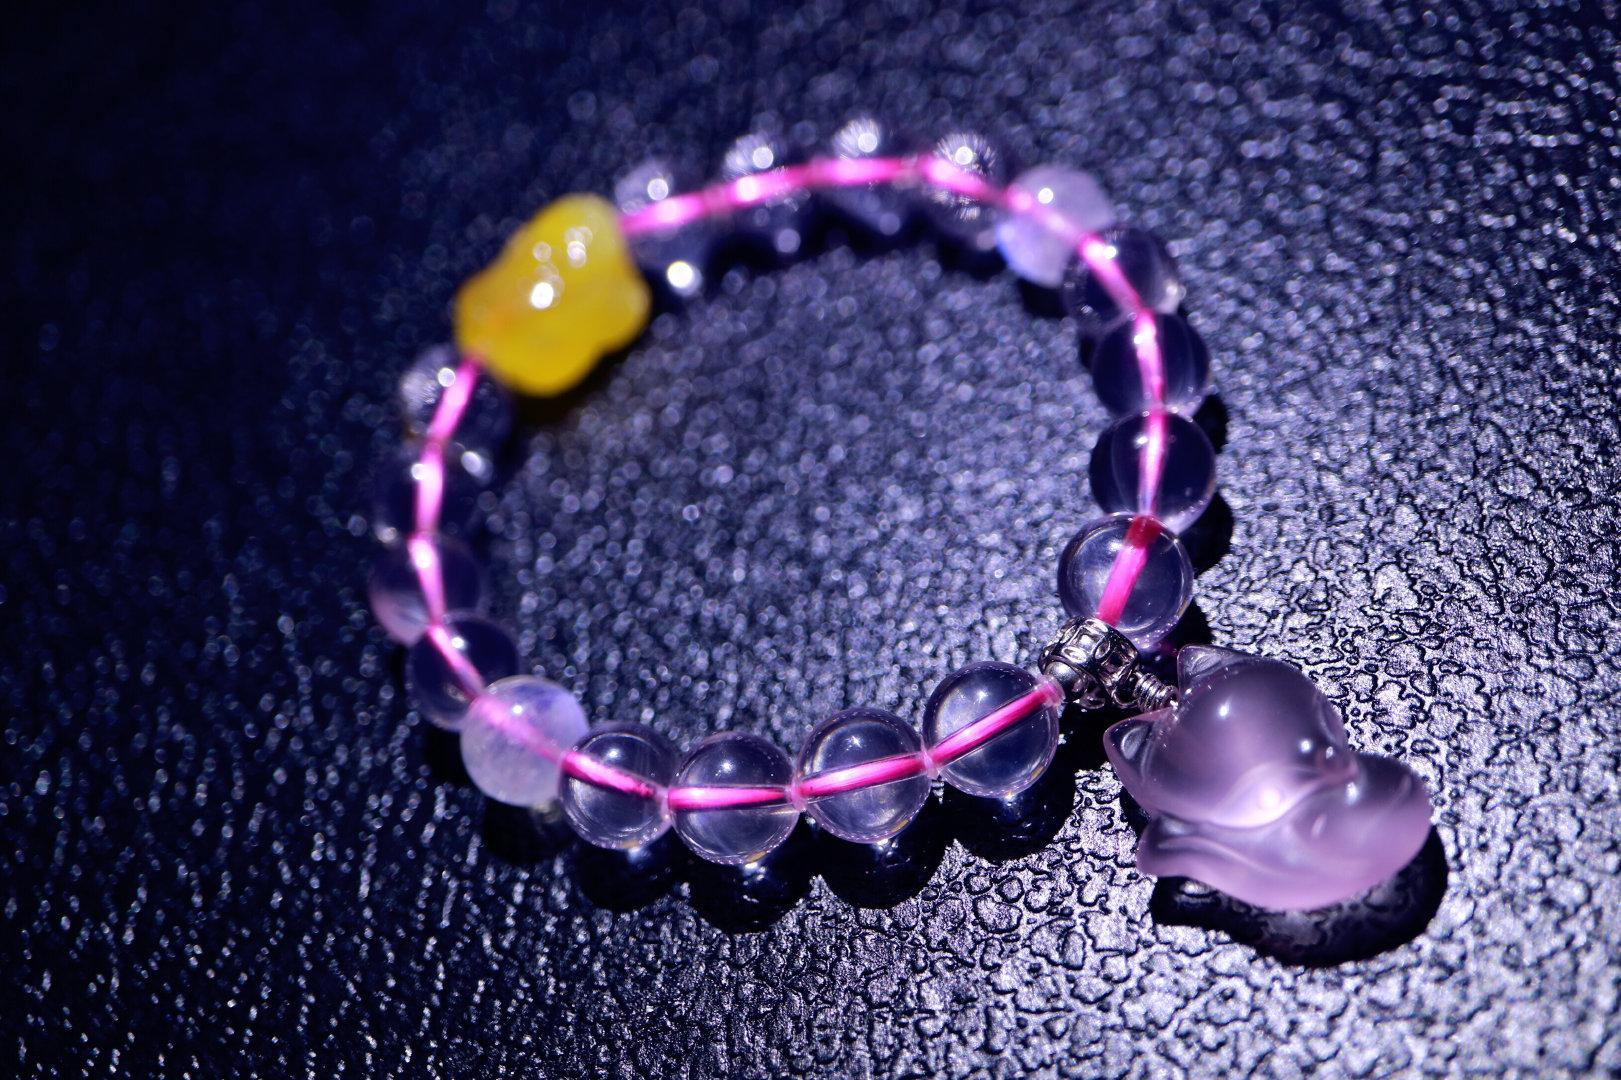 直男选情人节礼物?最讨女孩喜欢的爱情宝石帮你整理好了-菩心晶舍